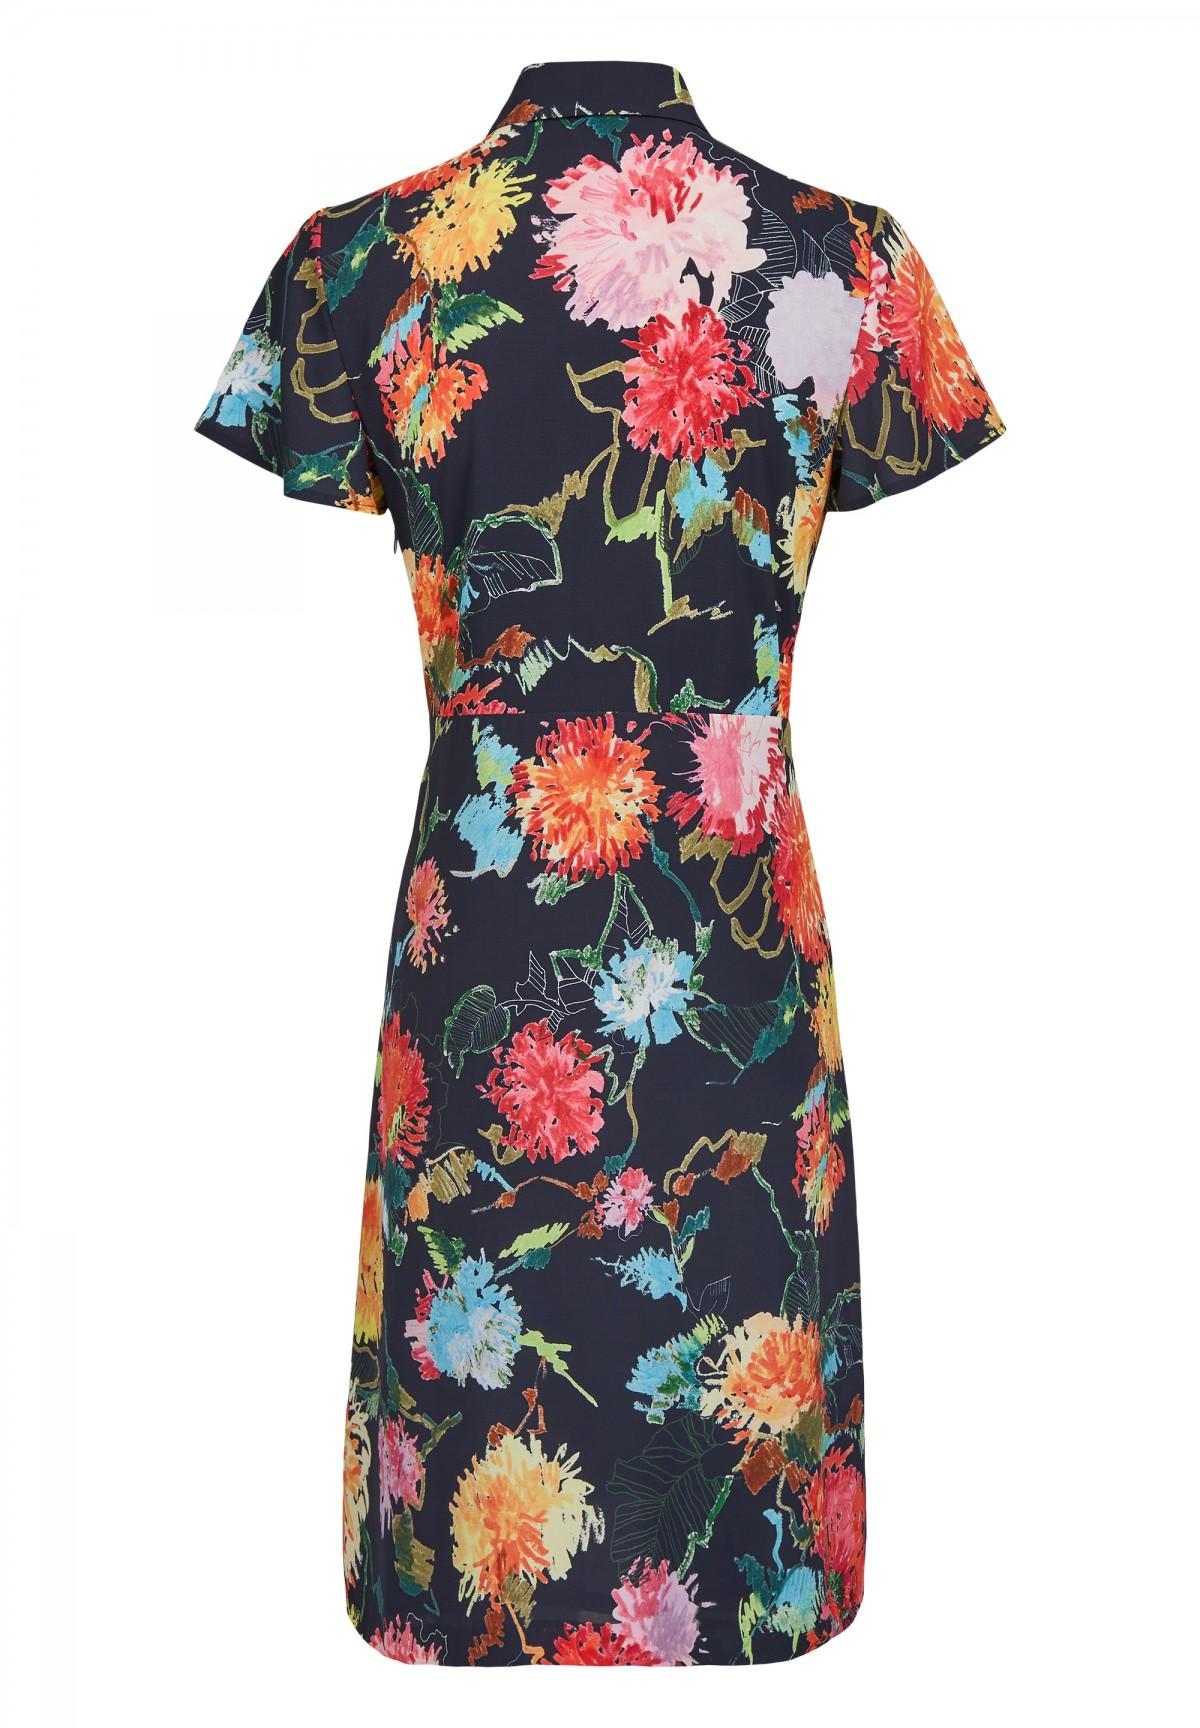 Sommerliches Kleid mit Rüschen / Dress